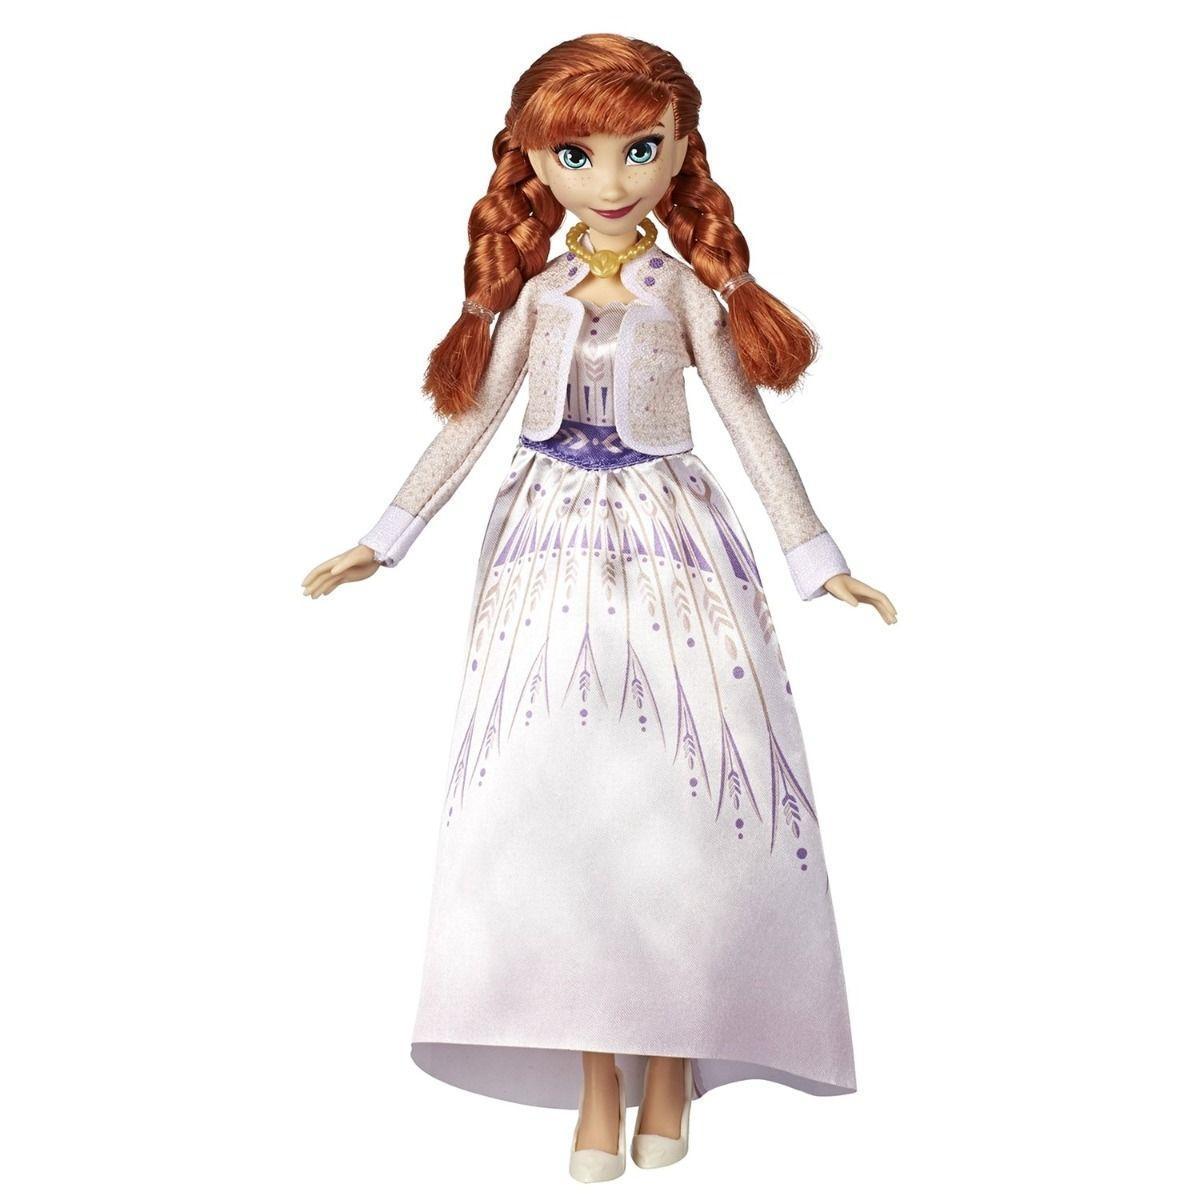 Кукла Холодное сердце 2 Disney Frozen с дополнительными нарядами - фото 3